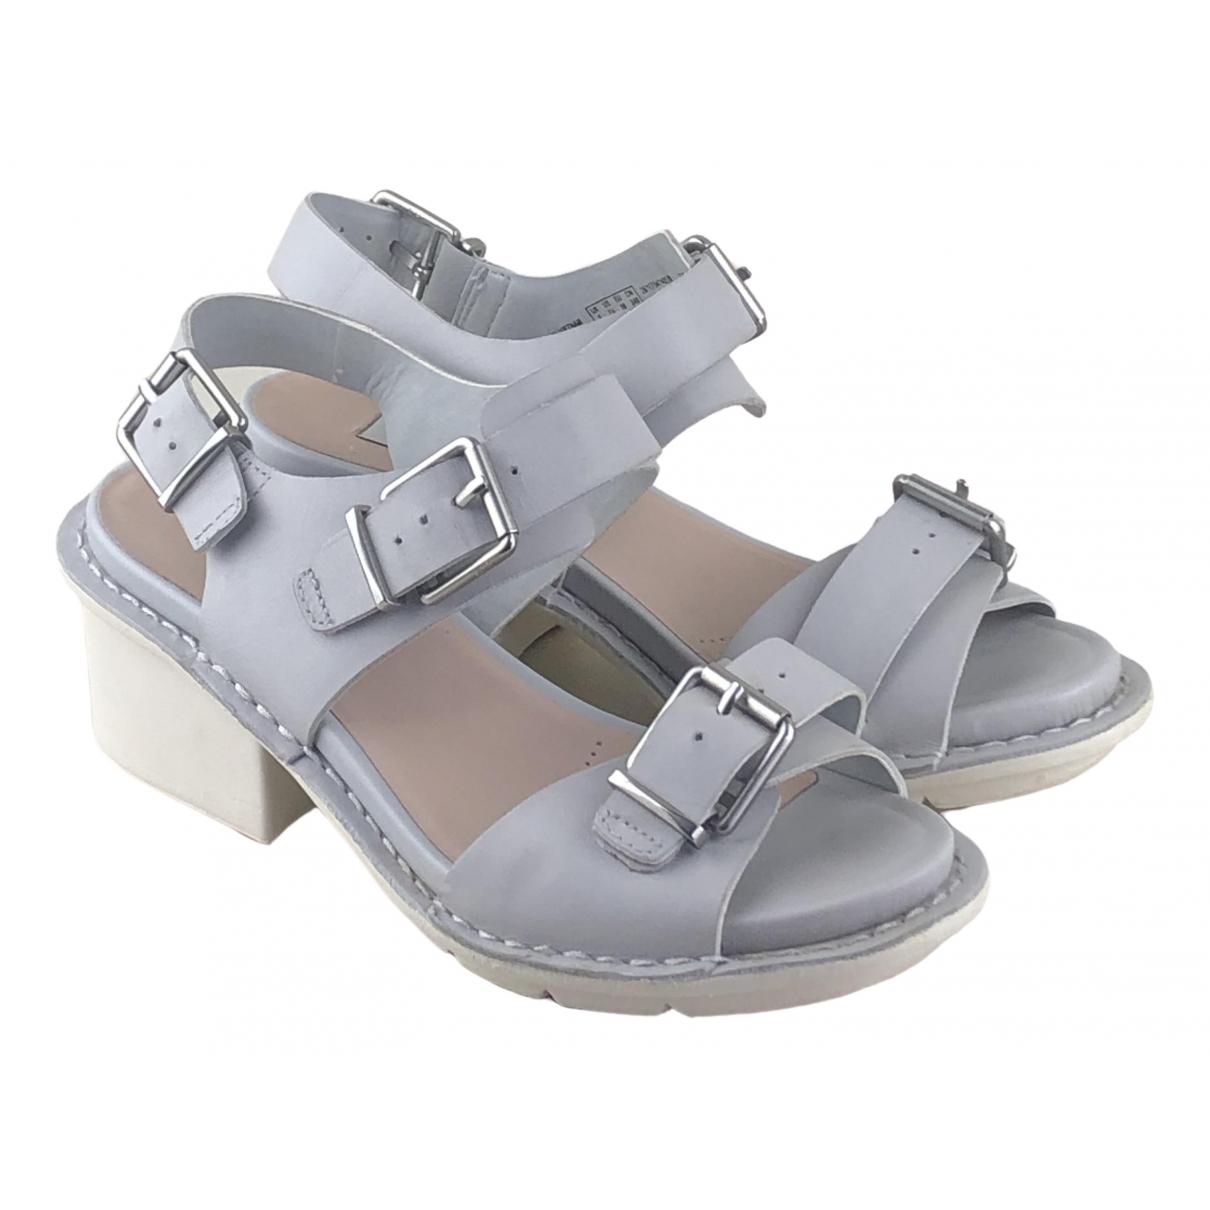 Clarks - Sandales   pour femme en cuir - gris